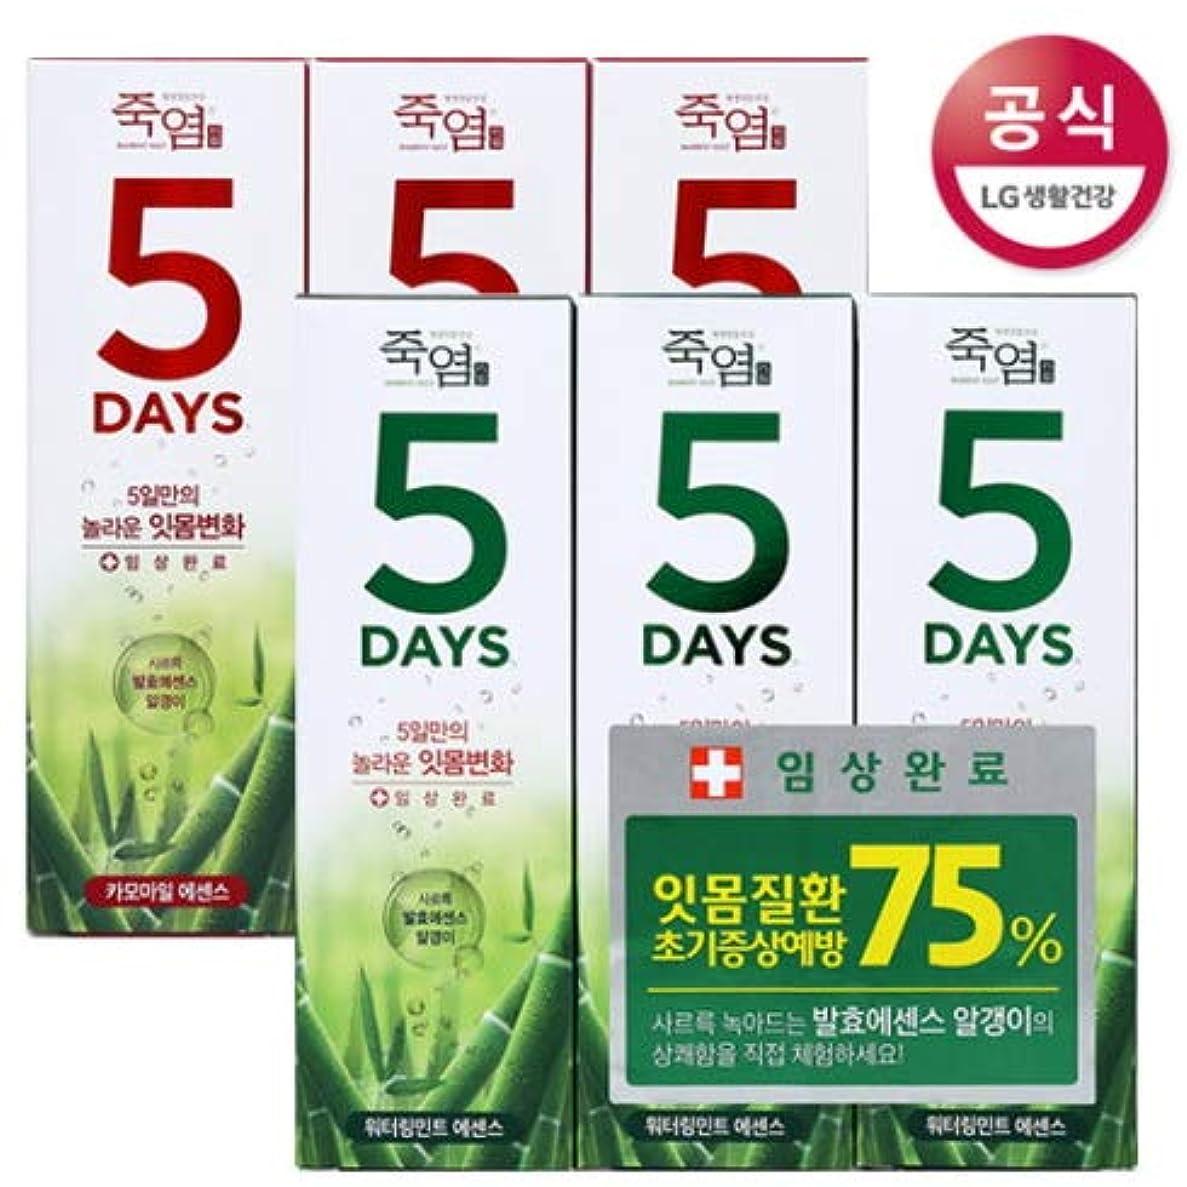 特別な効能ある秘書[LG HnB] Bamboo Salt 5days Toothpaste /竹塩5days歯磨き粉 100gx6個(海外直送品)